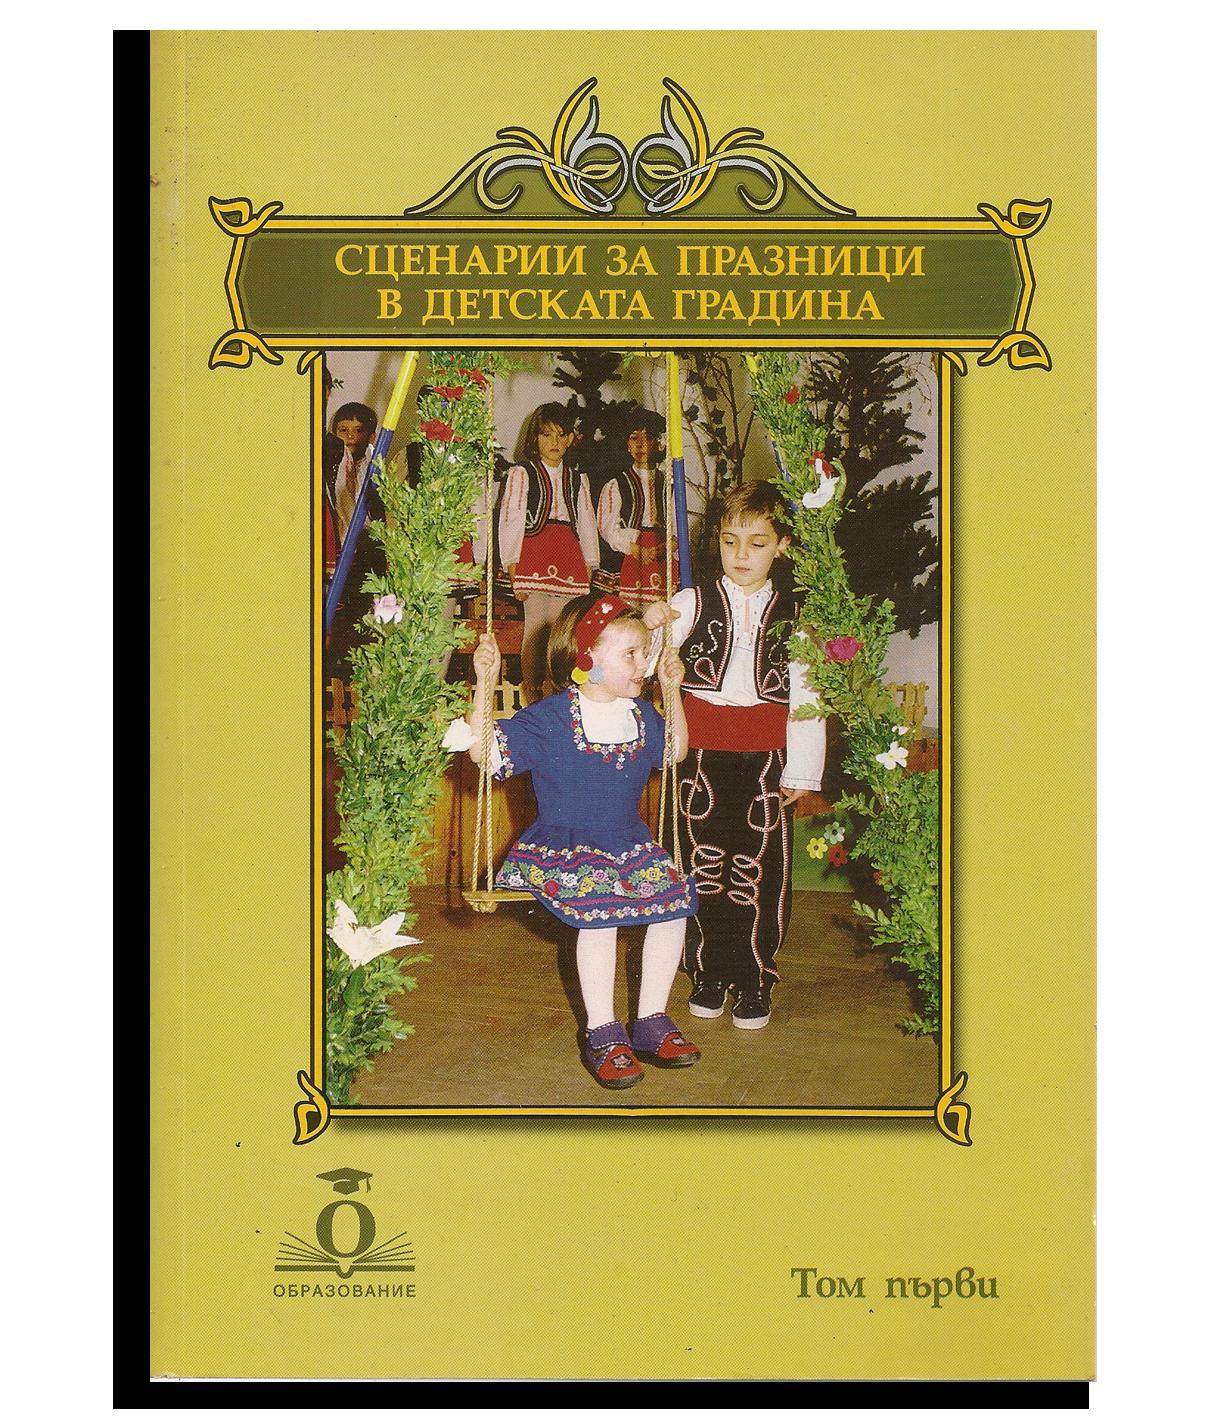 Сценарии за празници в детската градина, том 1-ви